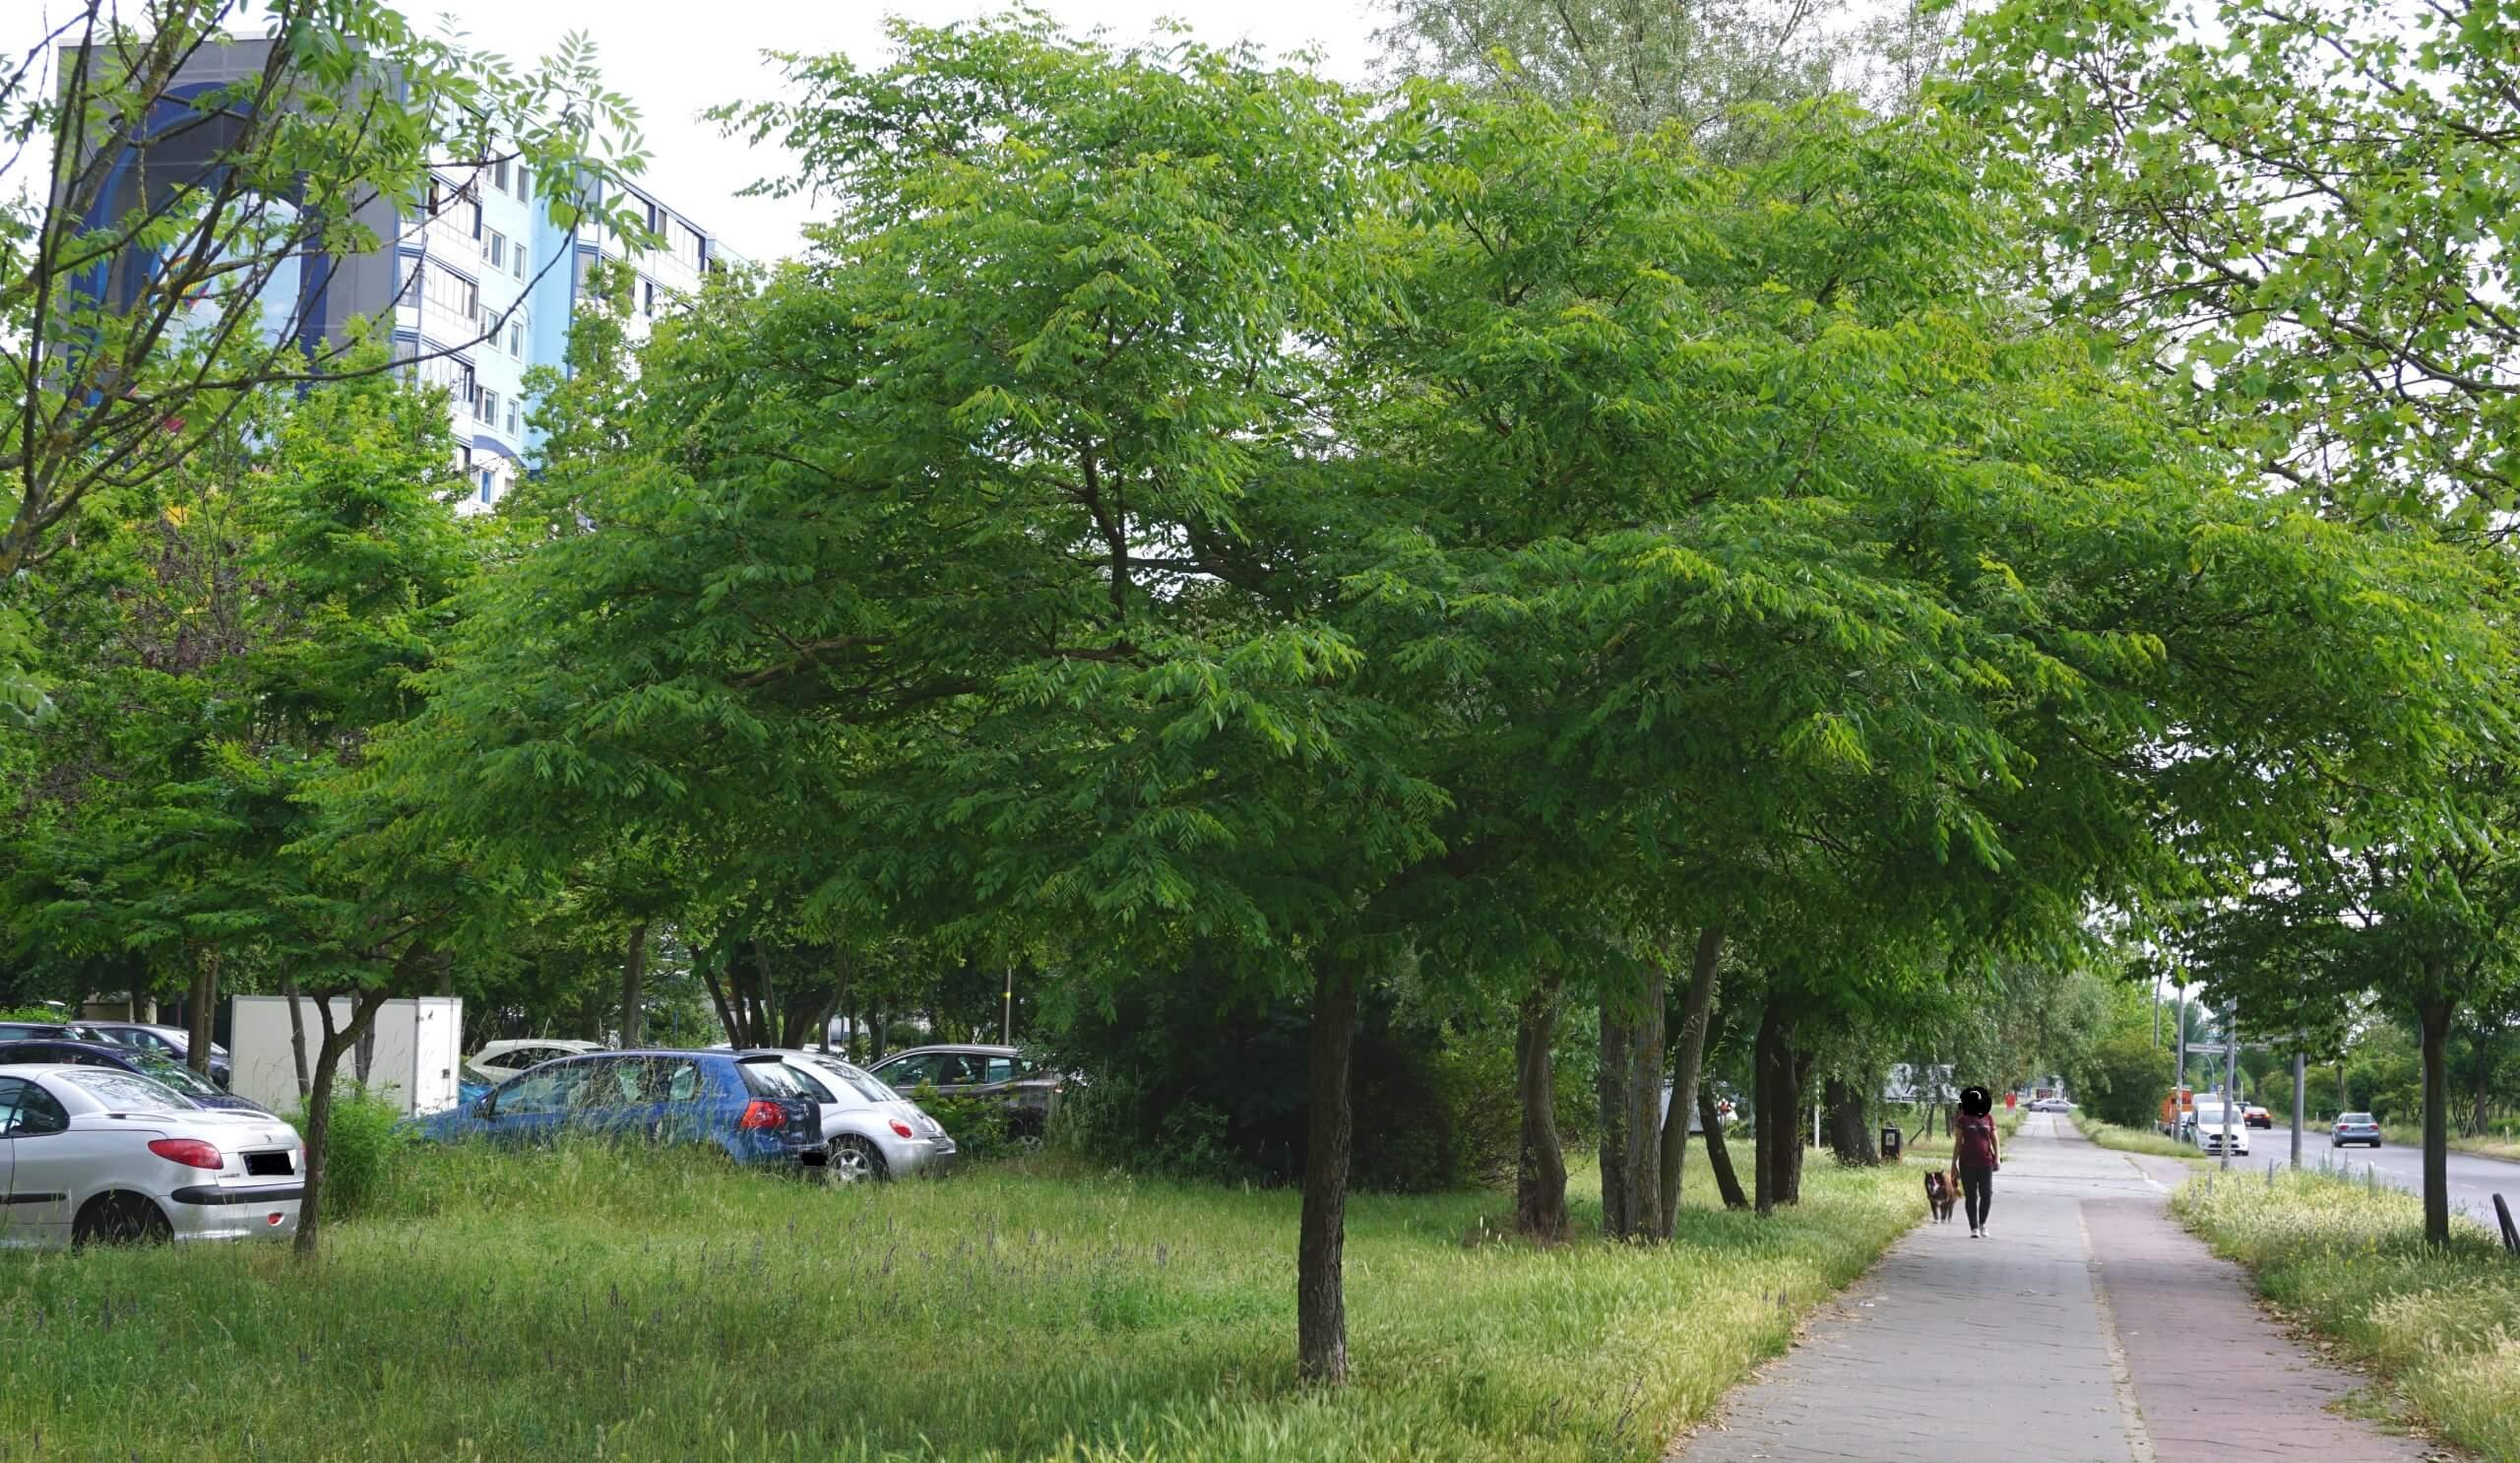 Das Bild zeigt ein kleines Exemplar eines Kentucky-Geweihbaumes mit ausgebreiteter Krone an der Schönefelder Chaussee im Kosmosviertel.